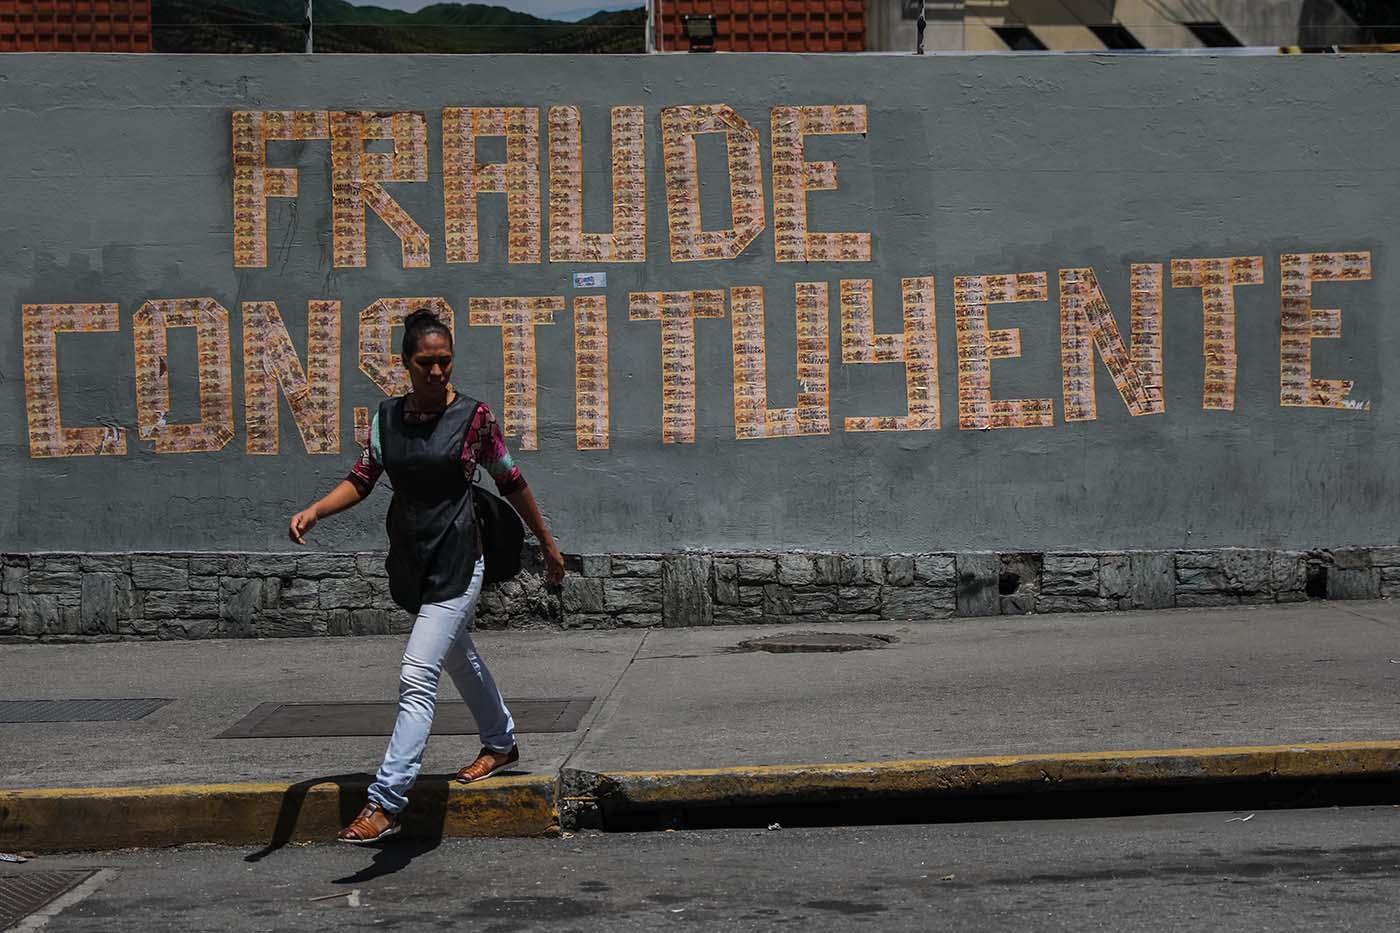 CAR18. CARACAS (VENEZUELA), 29/07/2017.- Fotografía de un mensaje que dice Fraude Constituyente escrito con billetes hoy, sábado 29 de julio de 2017, en Caracas (Venezuela). La tensión en Venezuela sube hoy de forma especial en la víspera de la votación del domingo, cuando se elegirá una Asamblea Nacional Constituyente (ANC), que redactará una nueva Carta Magna, en medio de estrictas medidas de seguridad y con el rechazo de la oposición y la comunidad internacional. Se espera que el Consejo Nacional Electoral (CNE) informe los últimos detalles sobre la instalación de centros de votación que ayer se había completado en 96 por ciento, según indicó la presidenta del organismo Tibisay Lucena. EFE/Miguel Gutiérrez